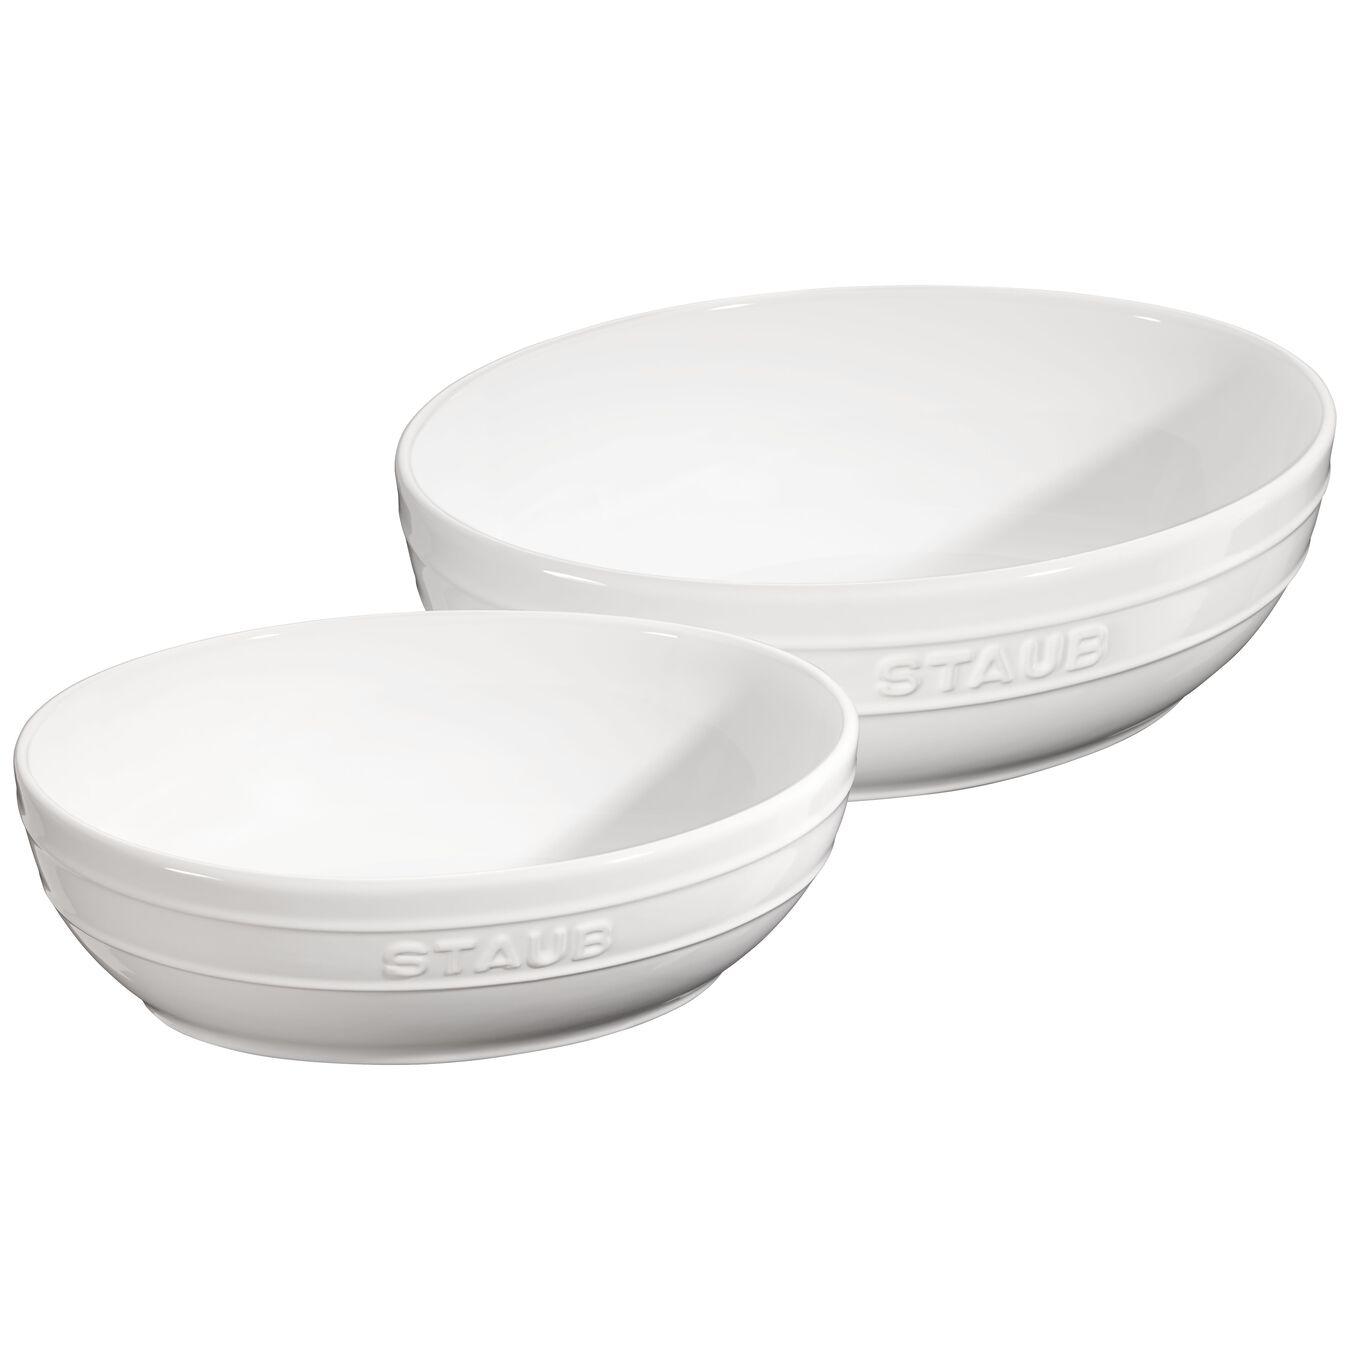 Set di ciotole - 2-pz., Colore bianco puro,,large 1